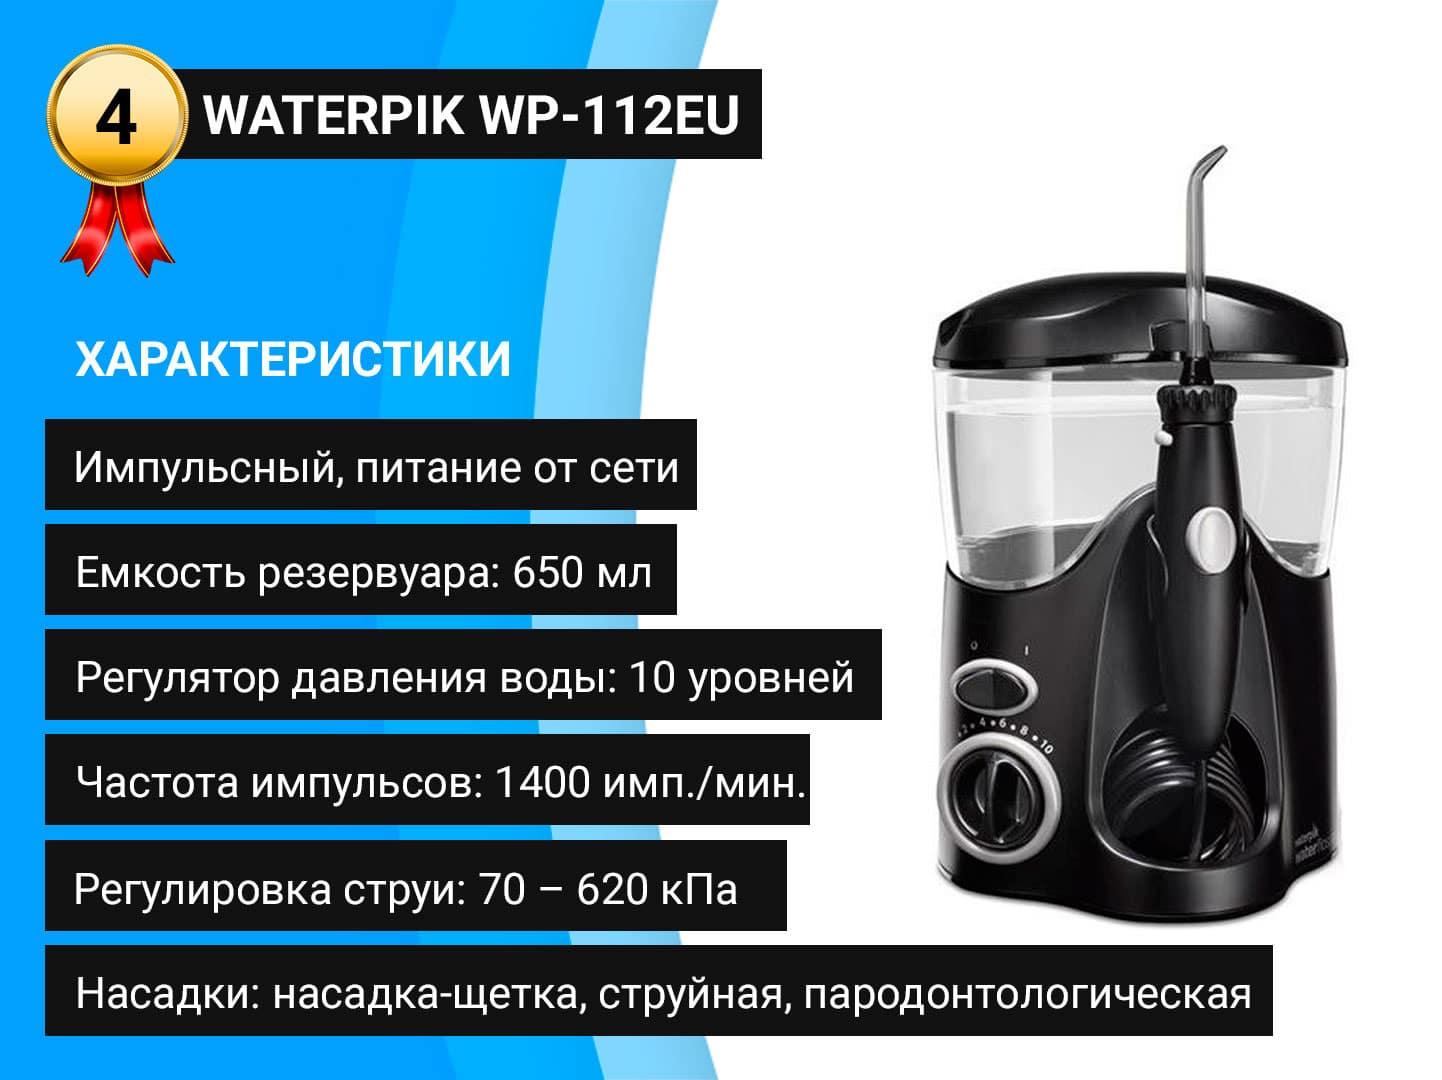 WATERPIK-WP-112EU